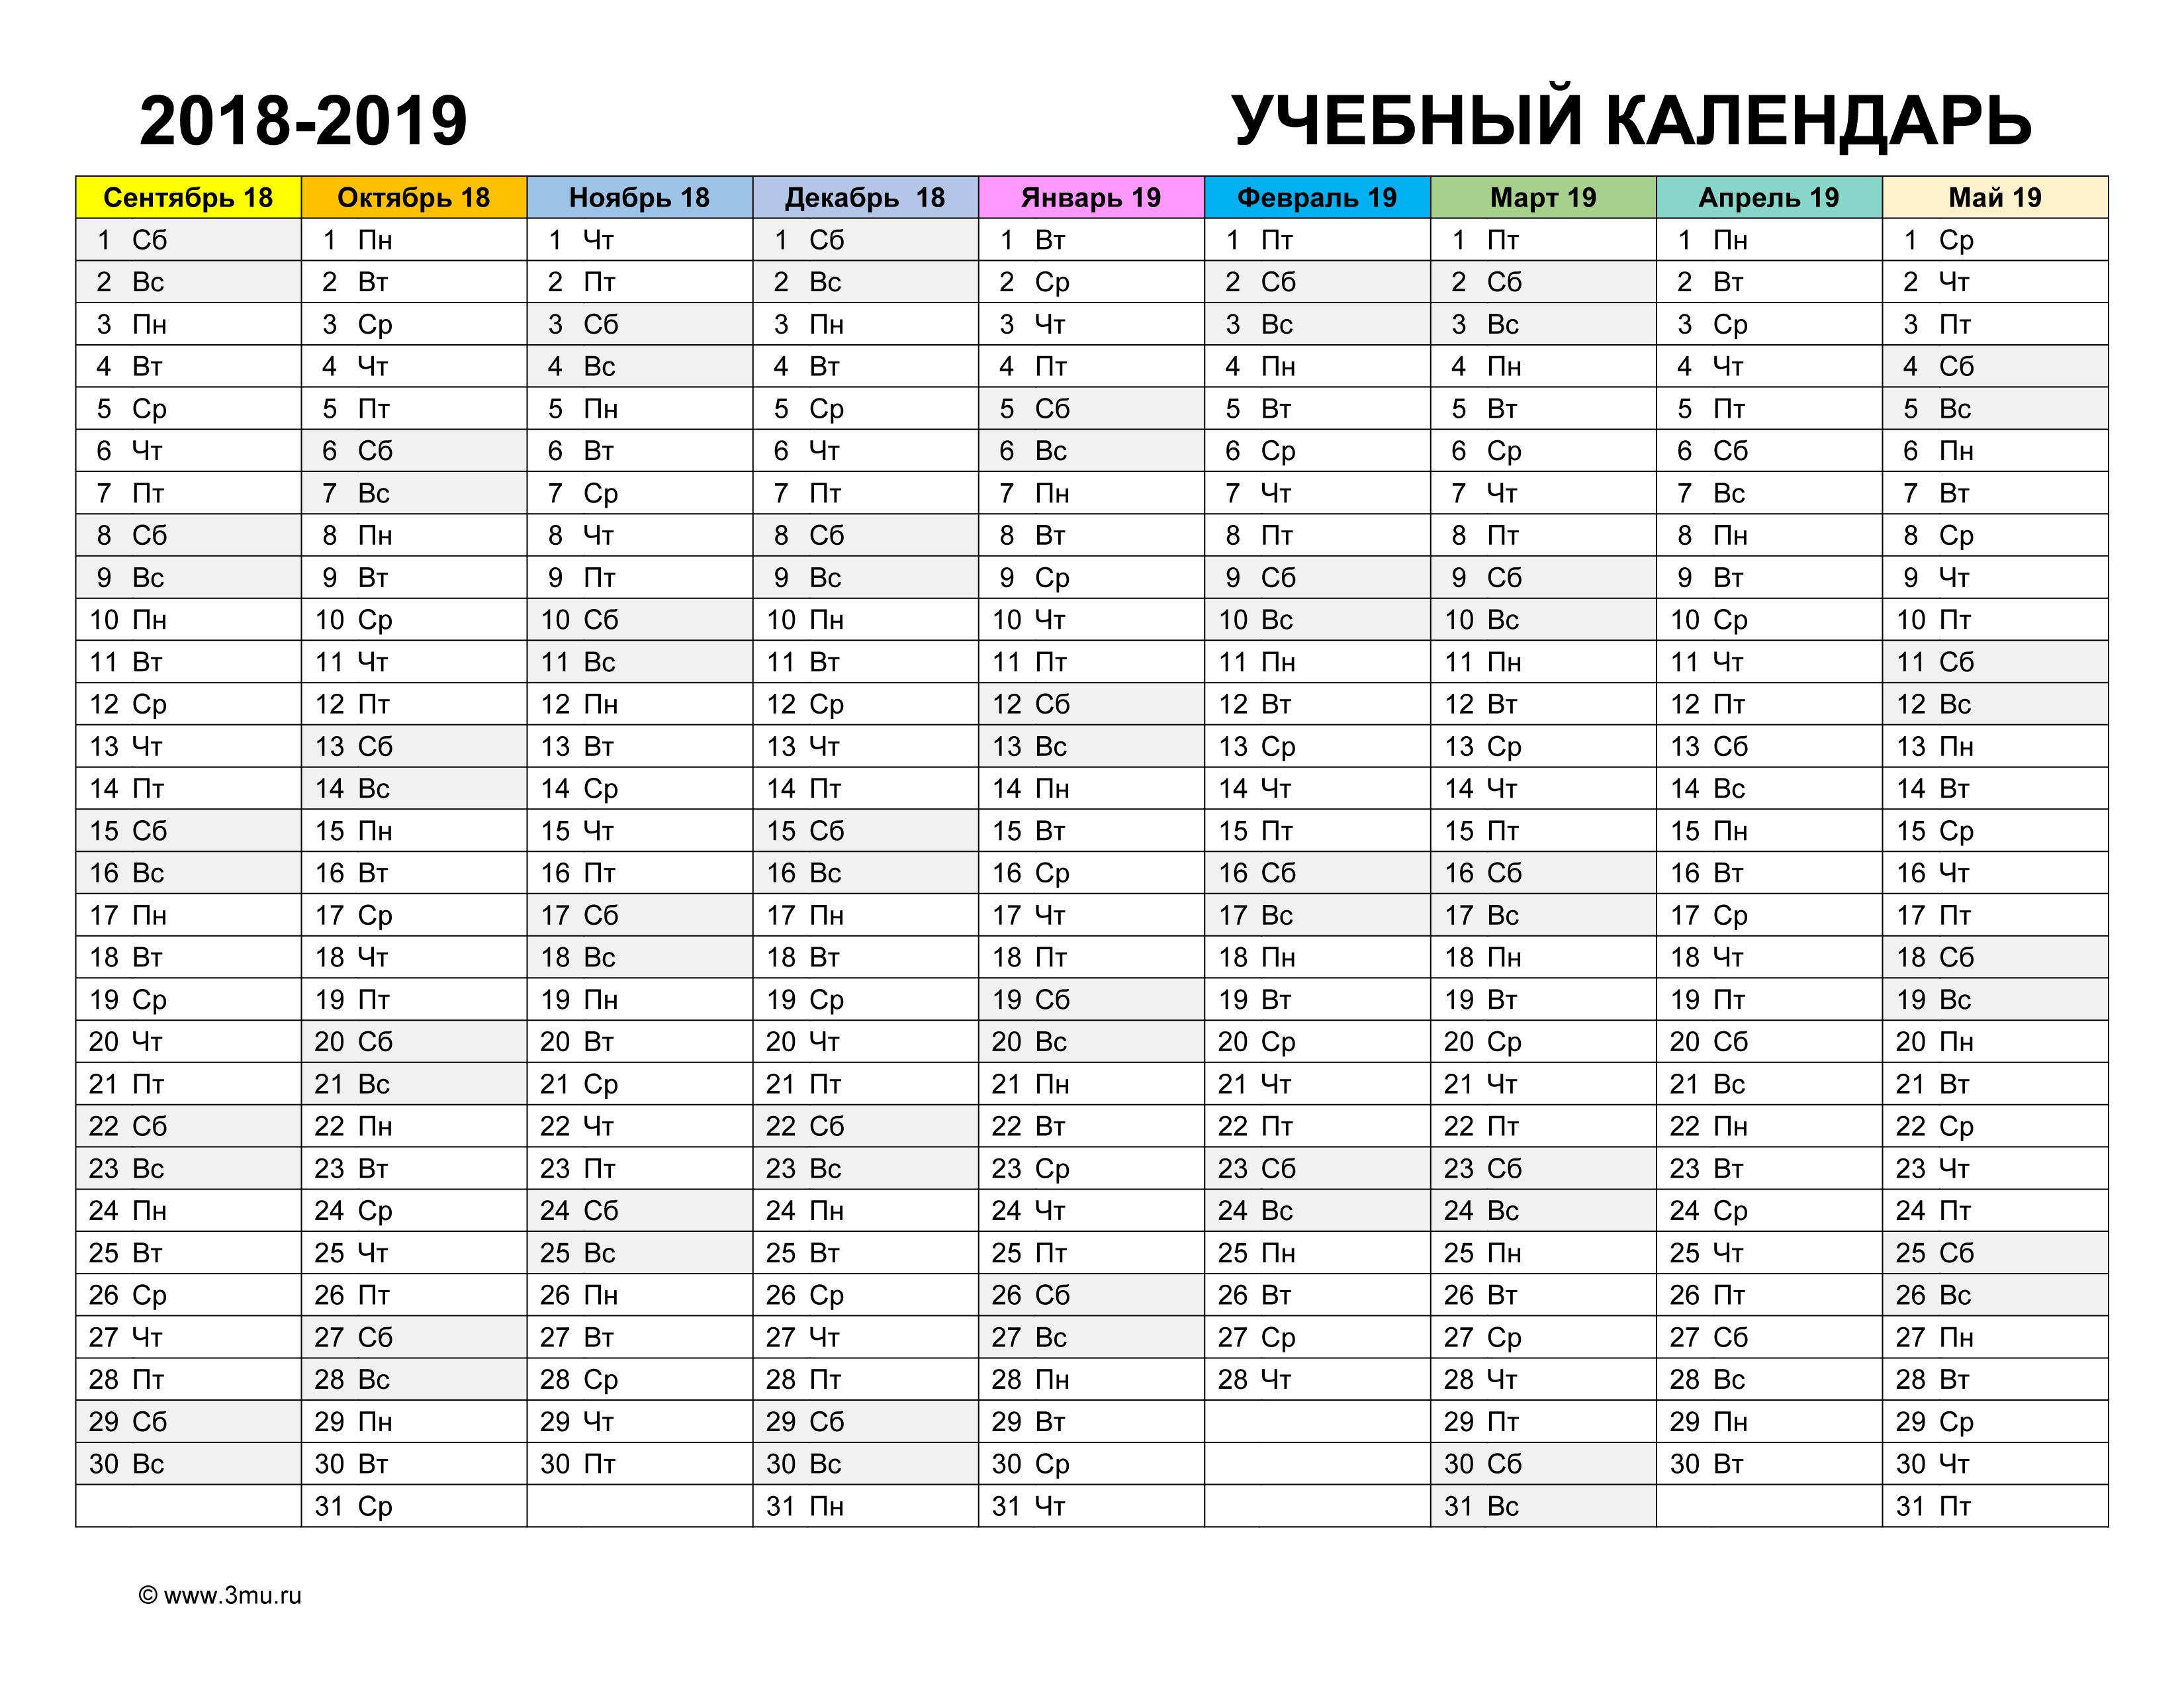 Литературный календарь на 2019-2020 учебный год рекомендации